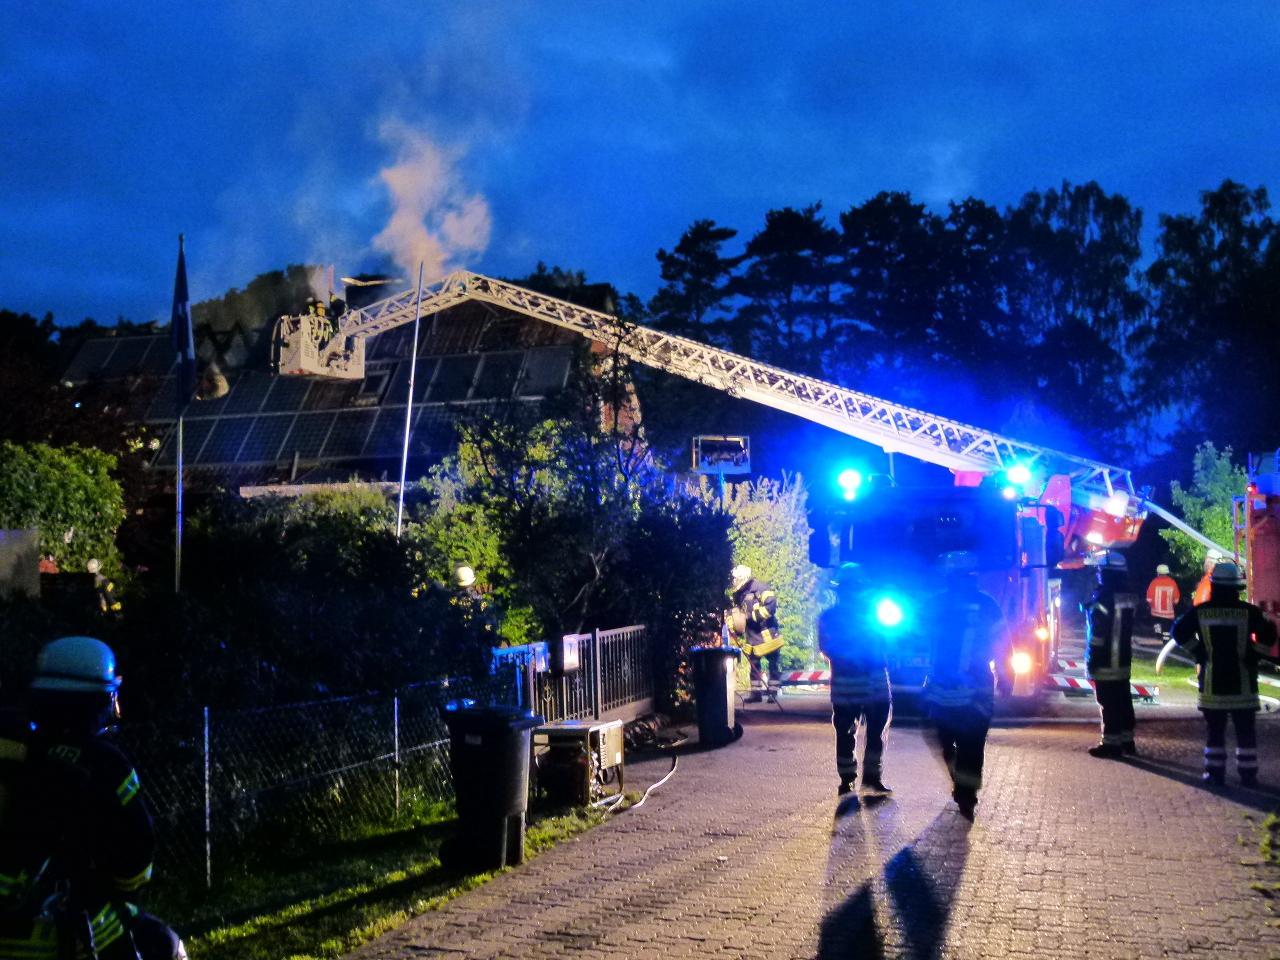 F3Y - Feuer in/an Gebäude, Menschenleben in Gefahr